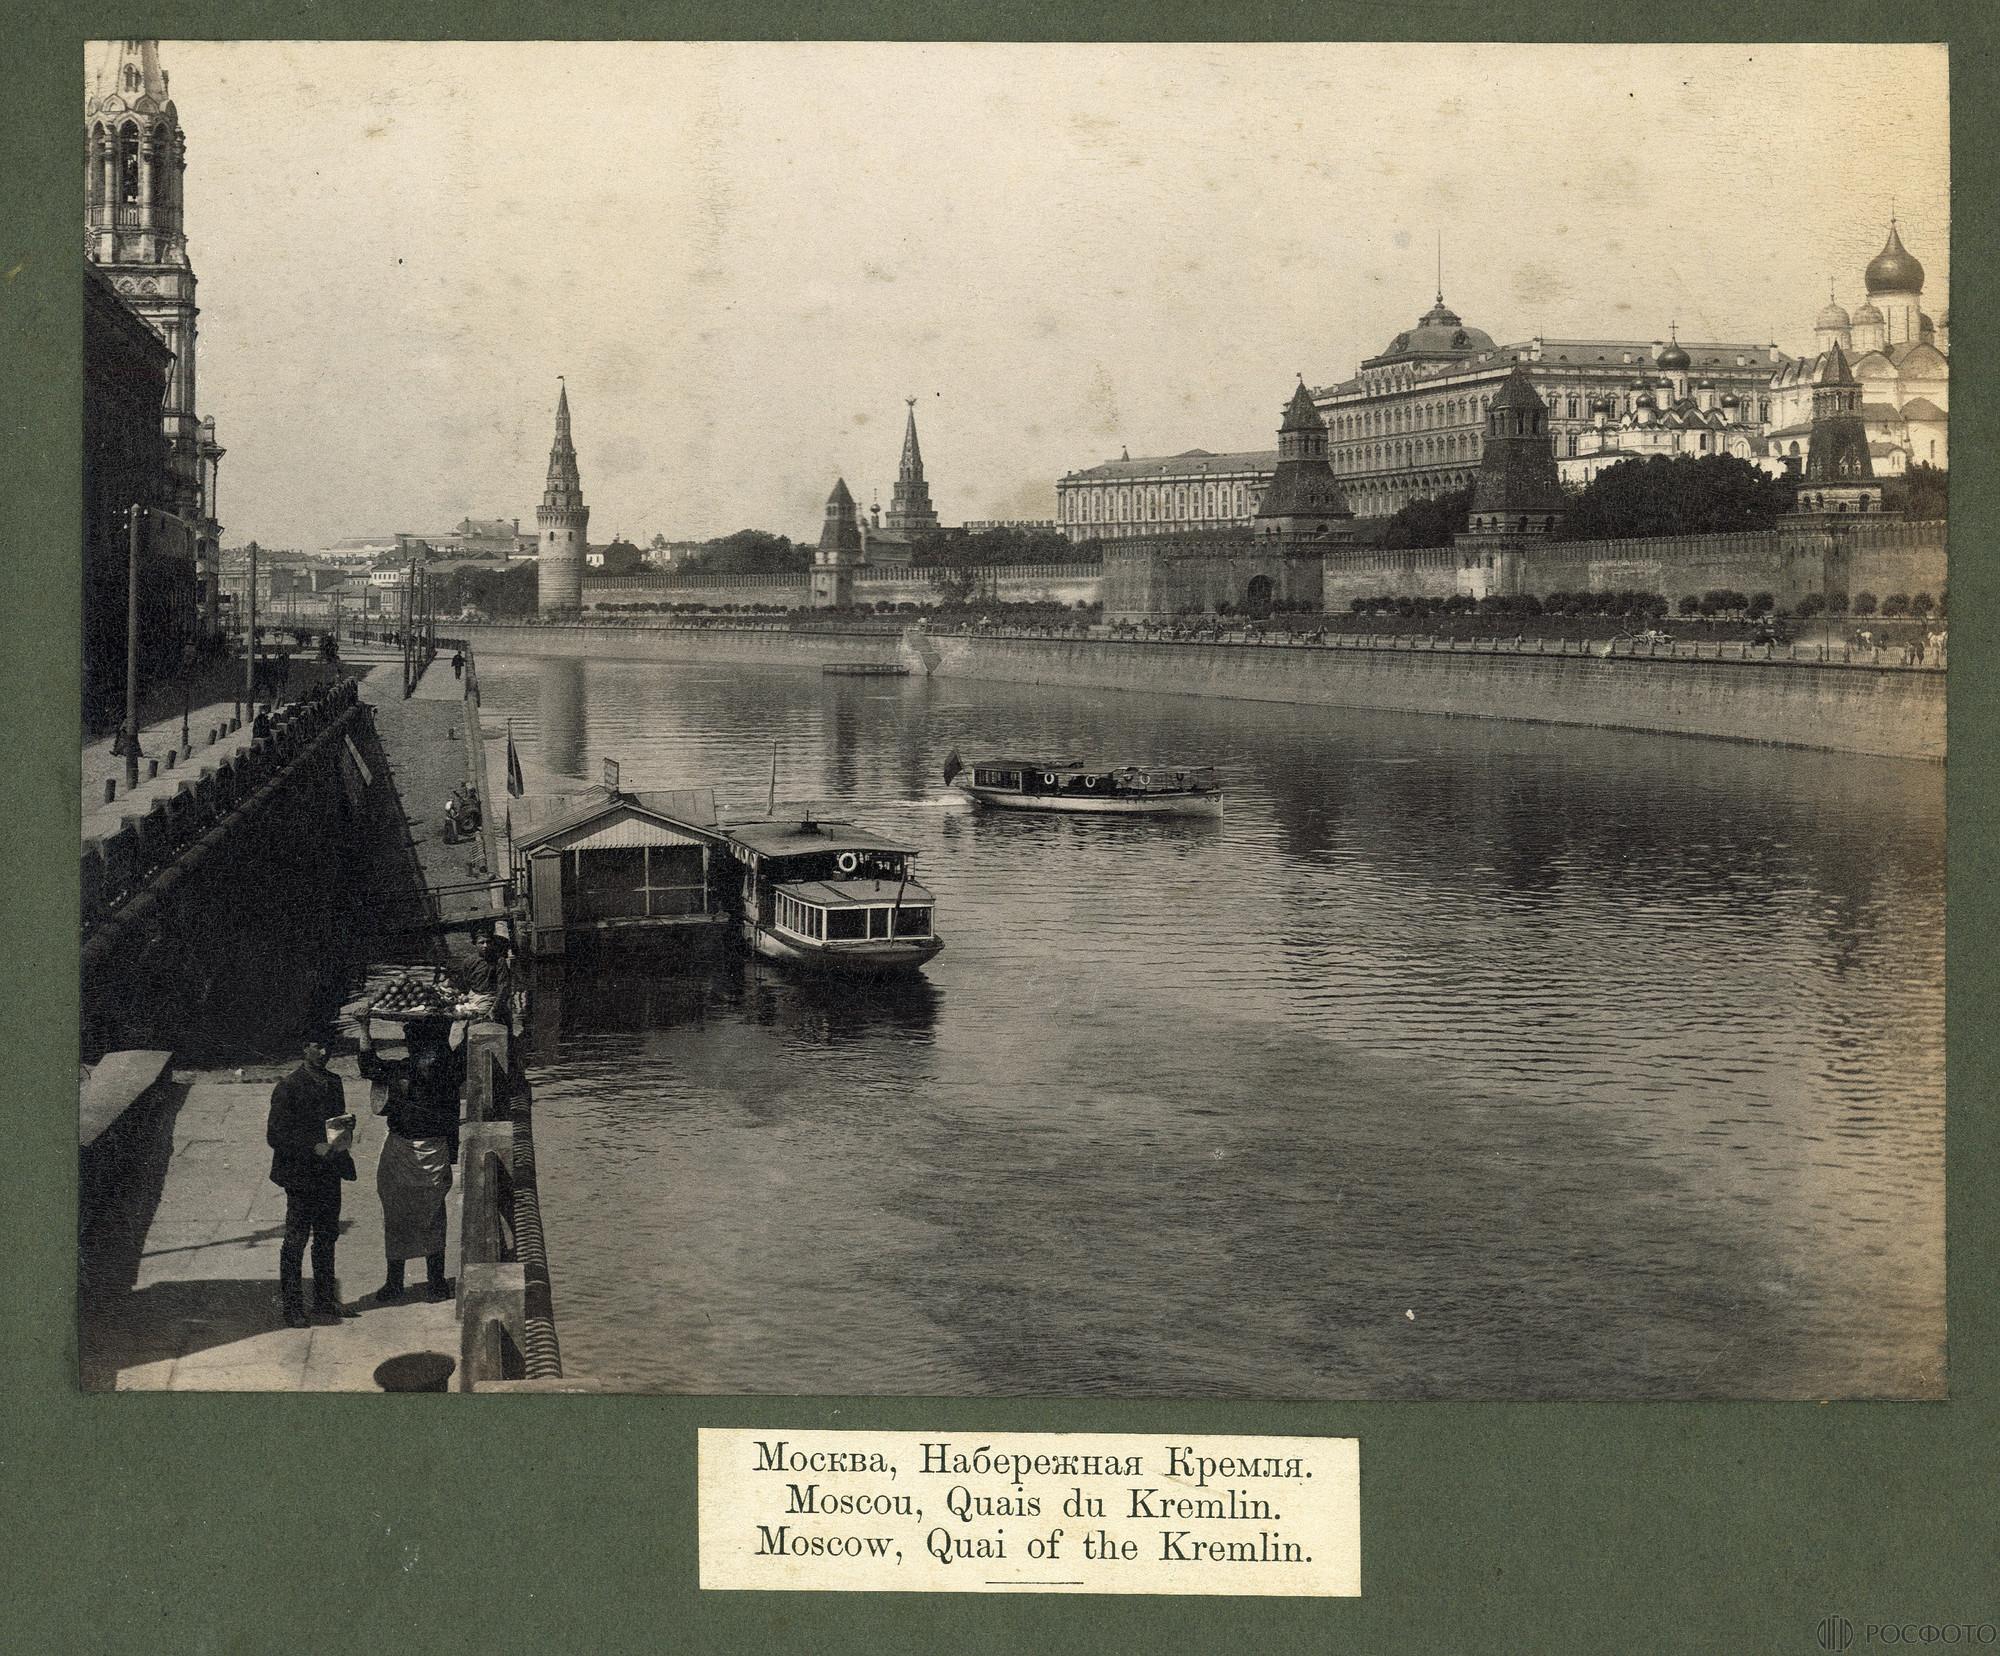 Вид на московский Кремль и набережная Кремля